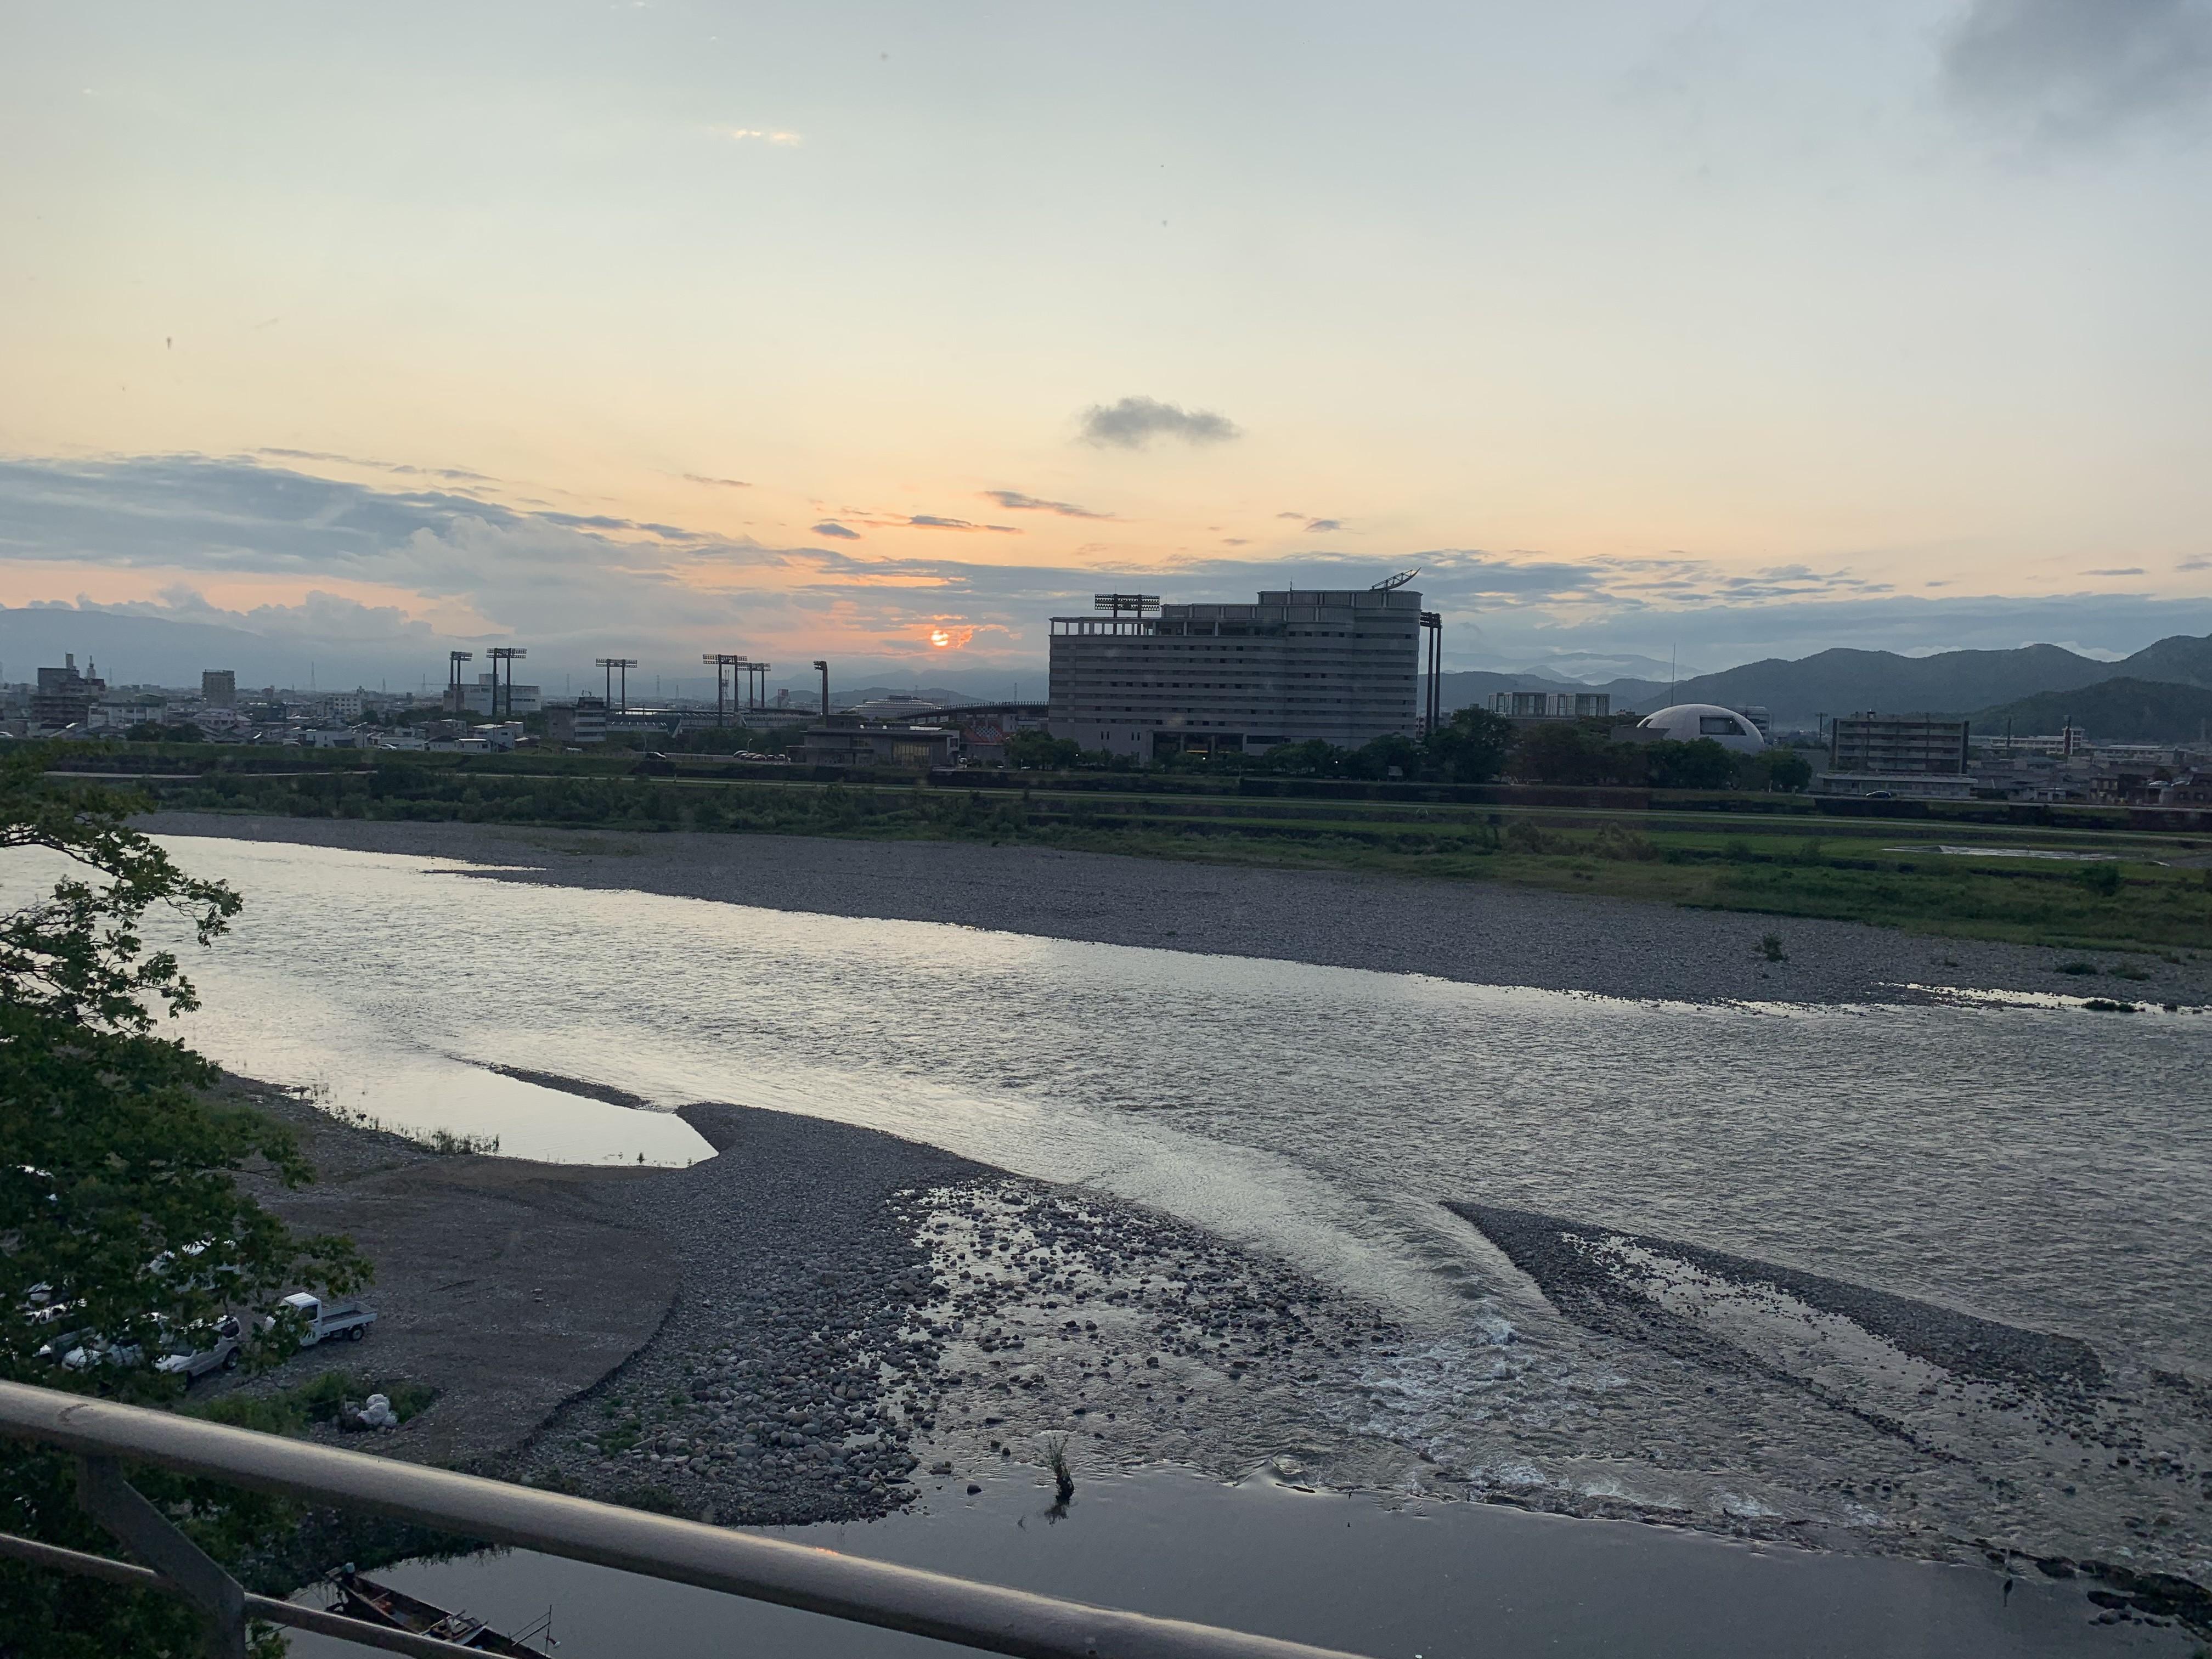 岐阜長良川温泉の旅館十八楼の景色